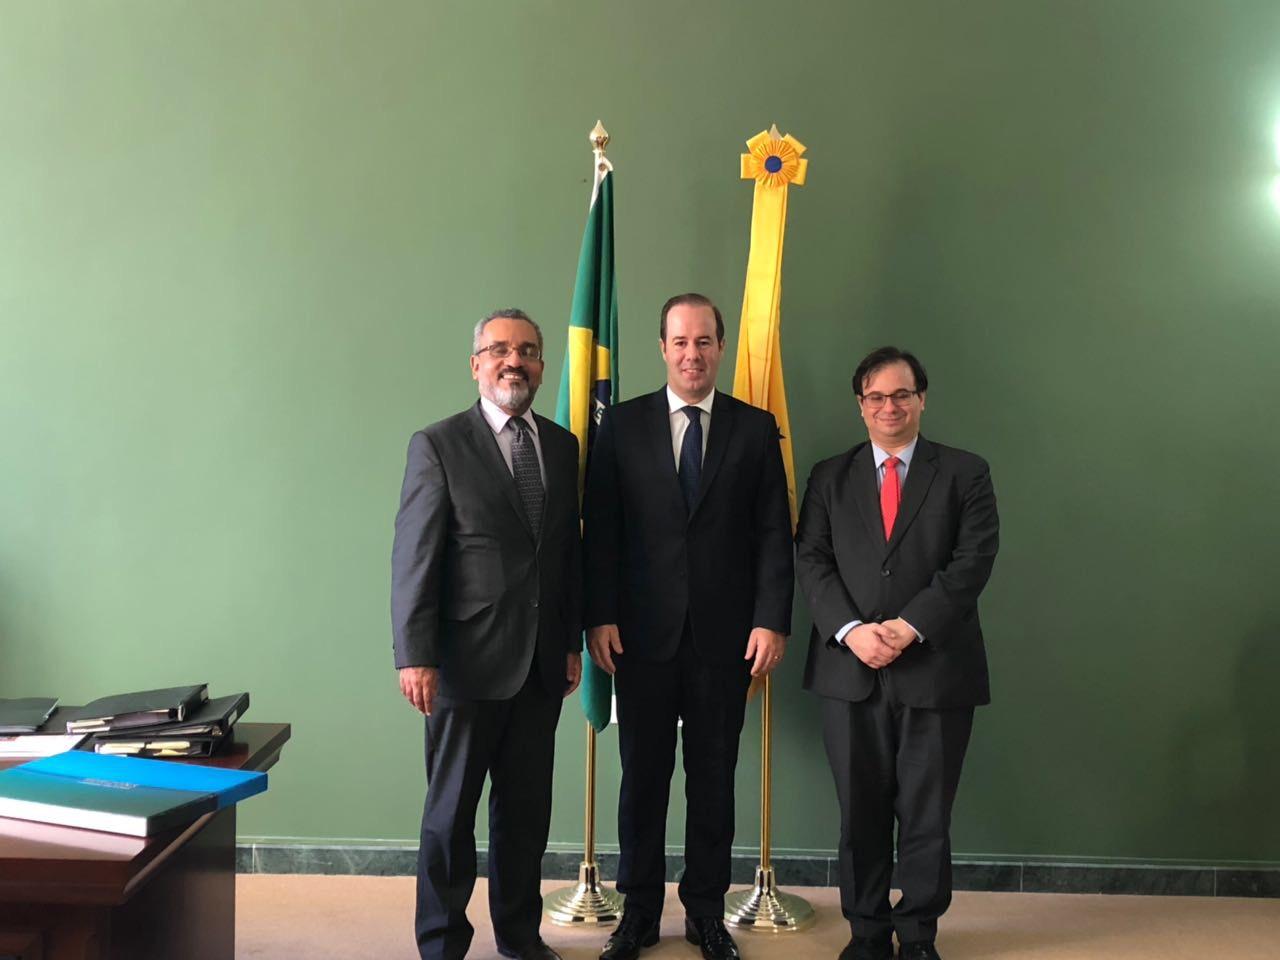 Governo do Ceará busca oportunidades nos Emirados Árabes